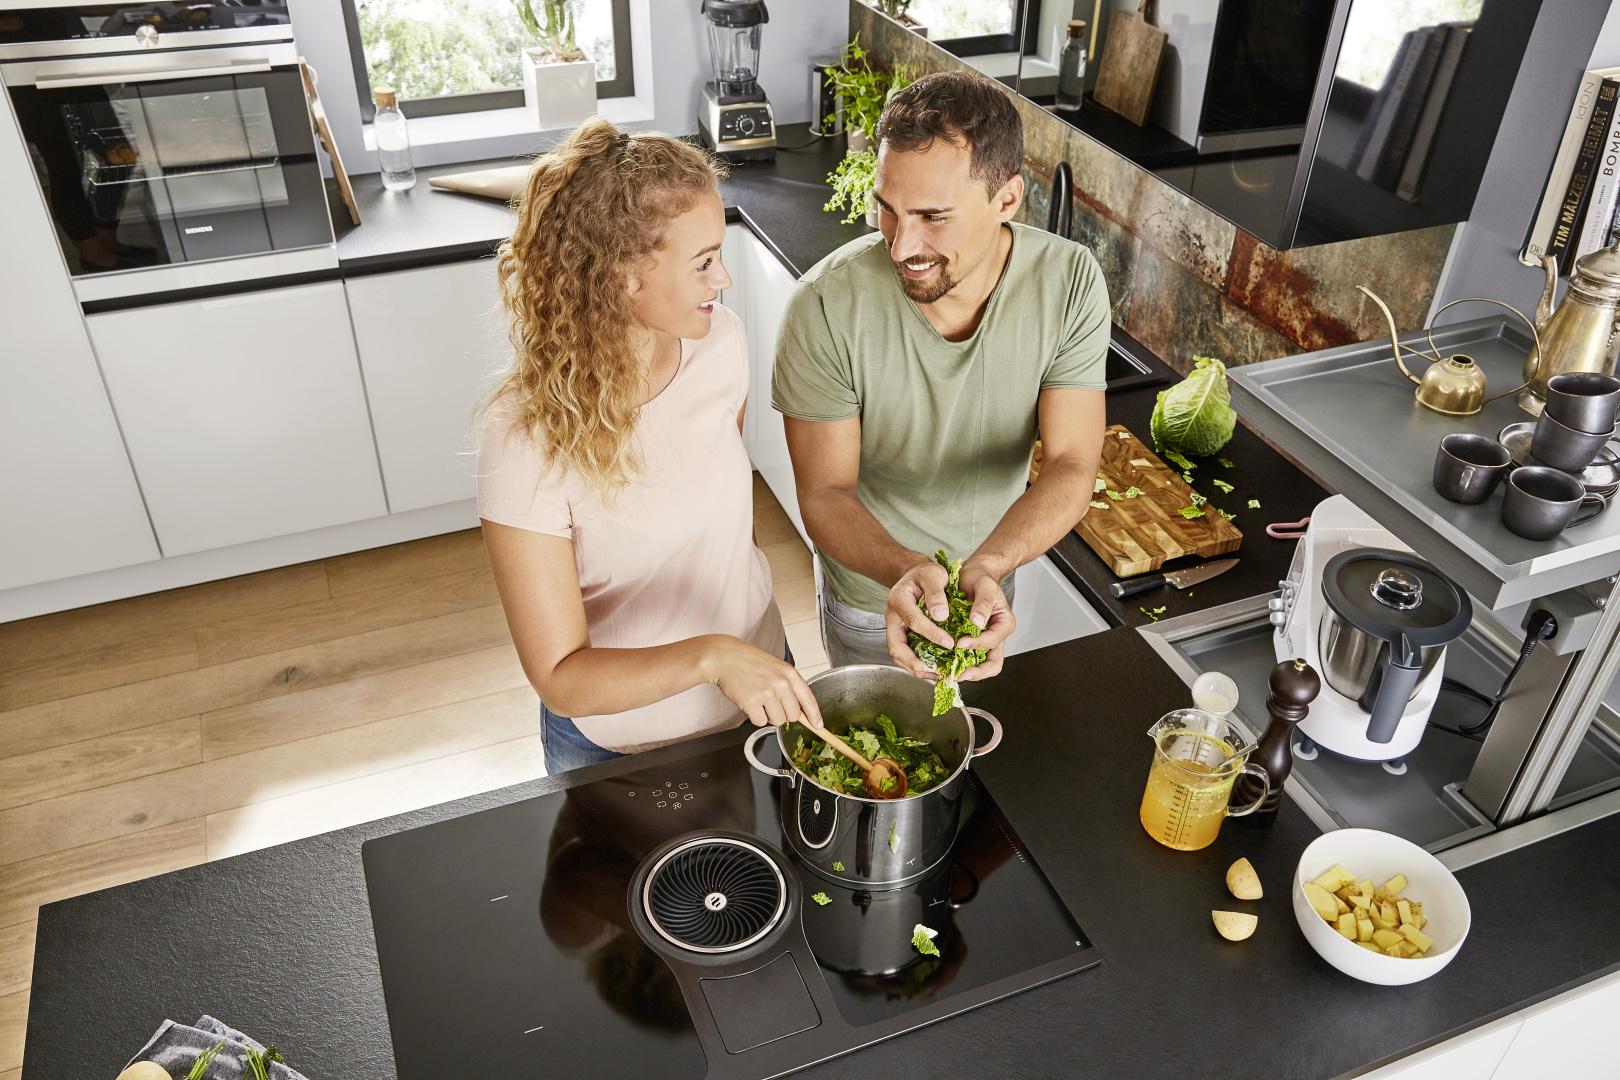 para gotująca posiłek w nowoczesnej kuchni